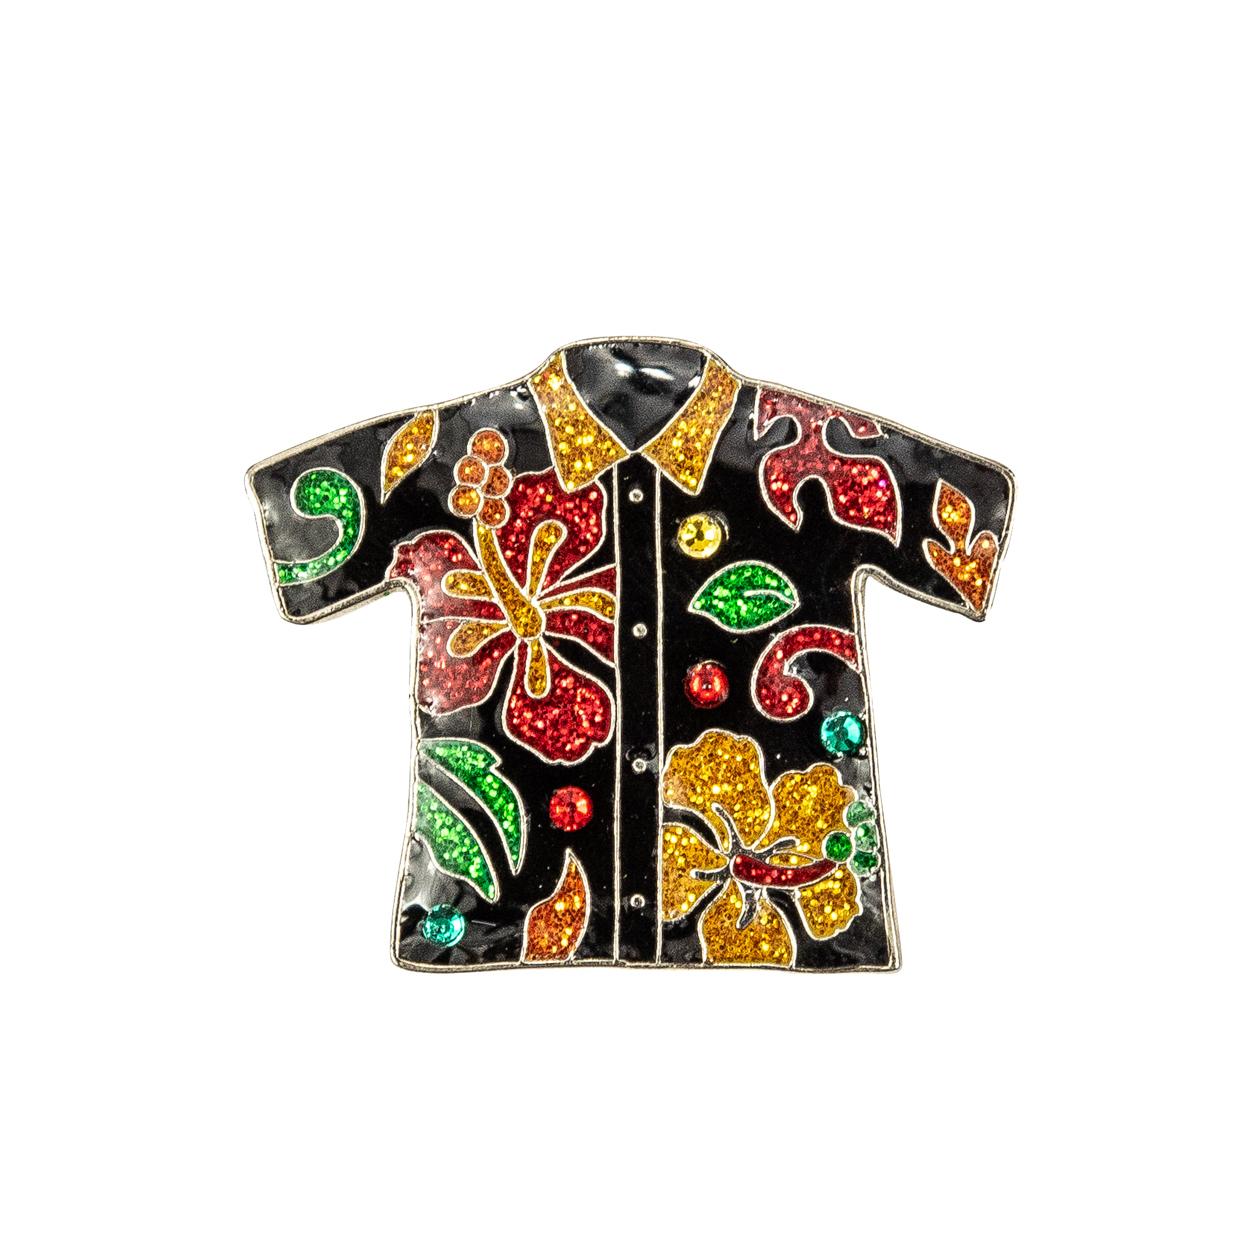 82. Aloha Shirt